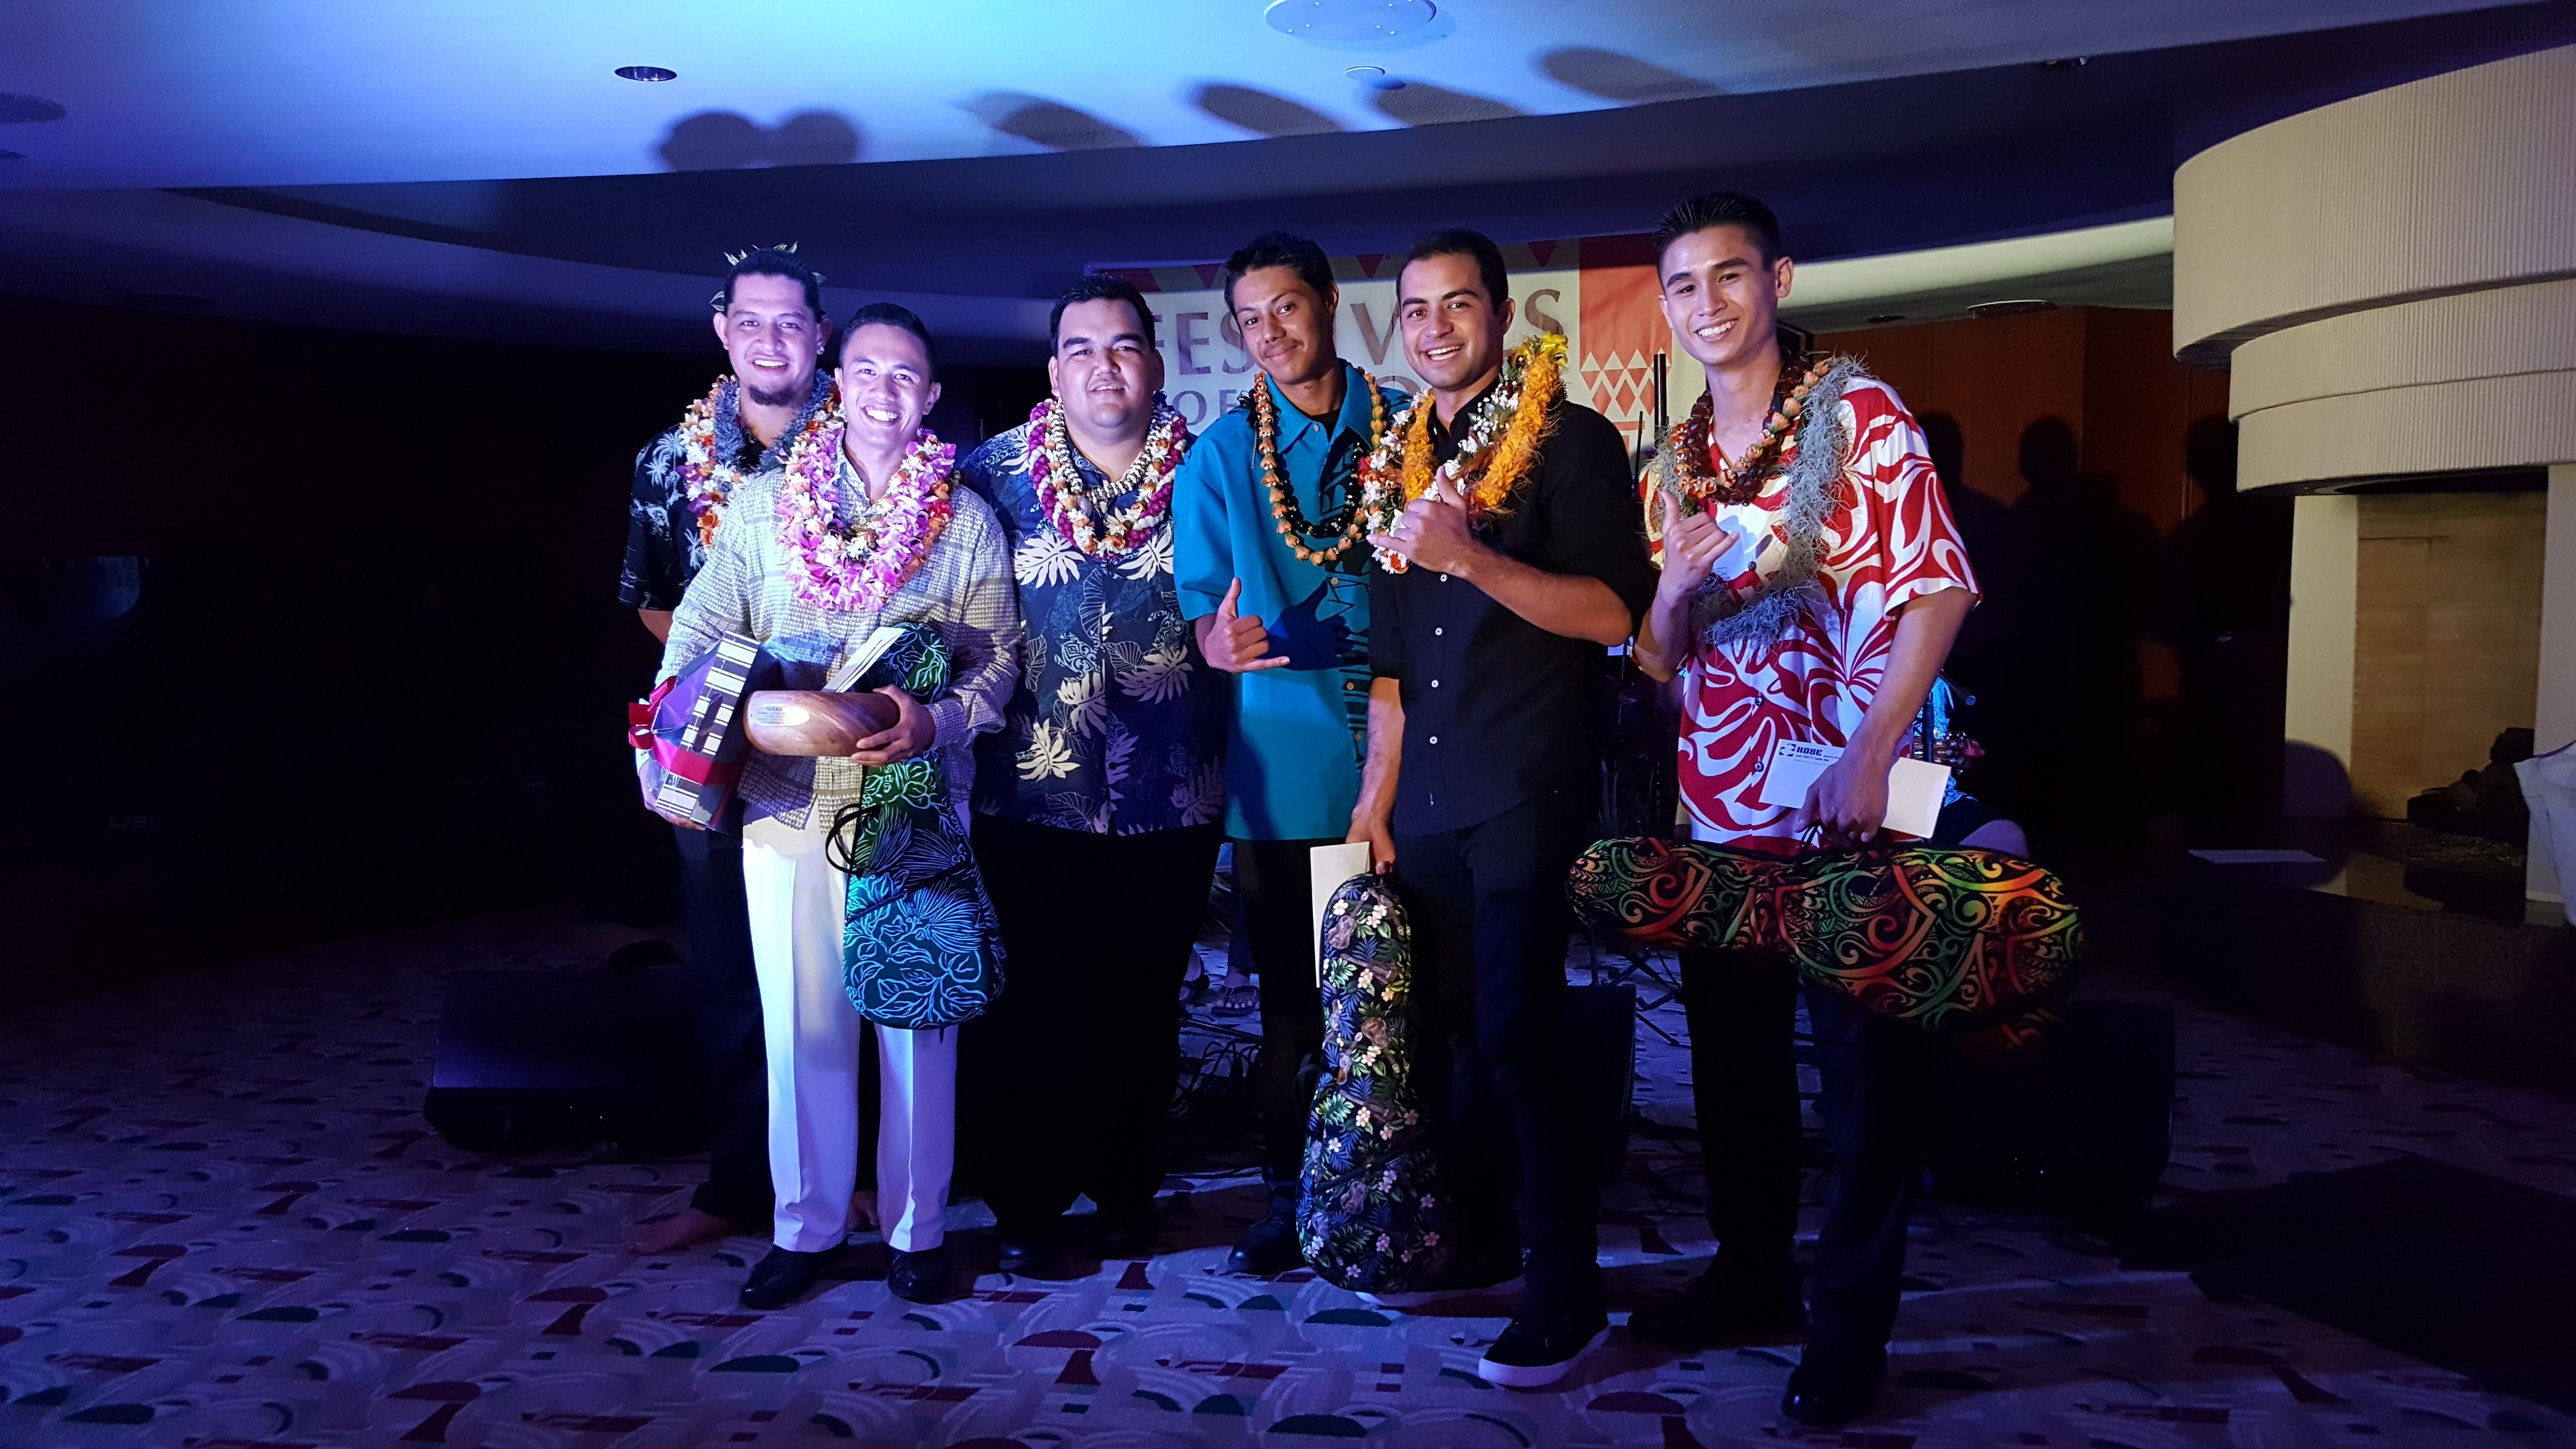 15th Richard Hoʻopiʻi Leo Kiʻekiʻe Falsetto Contest.  PC: Daryl Fujiwara